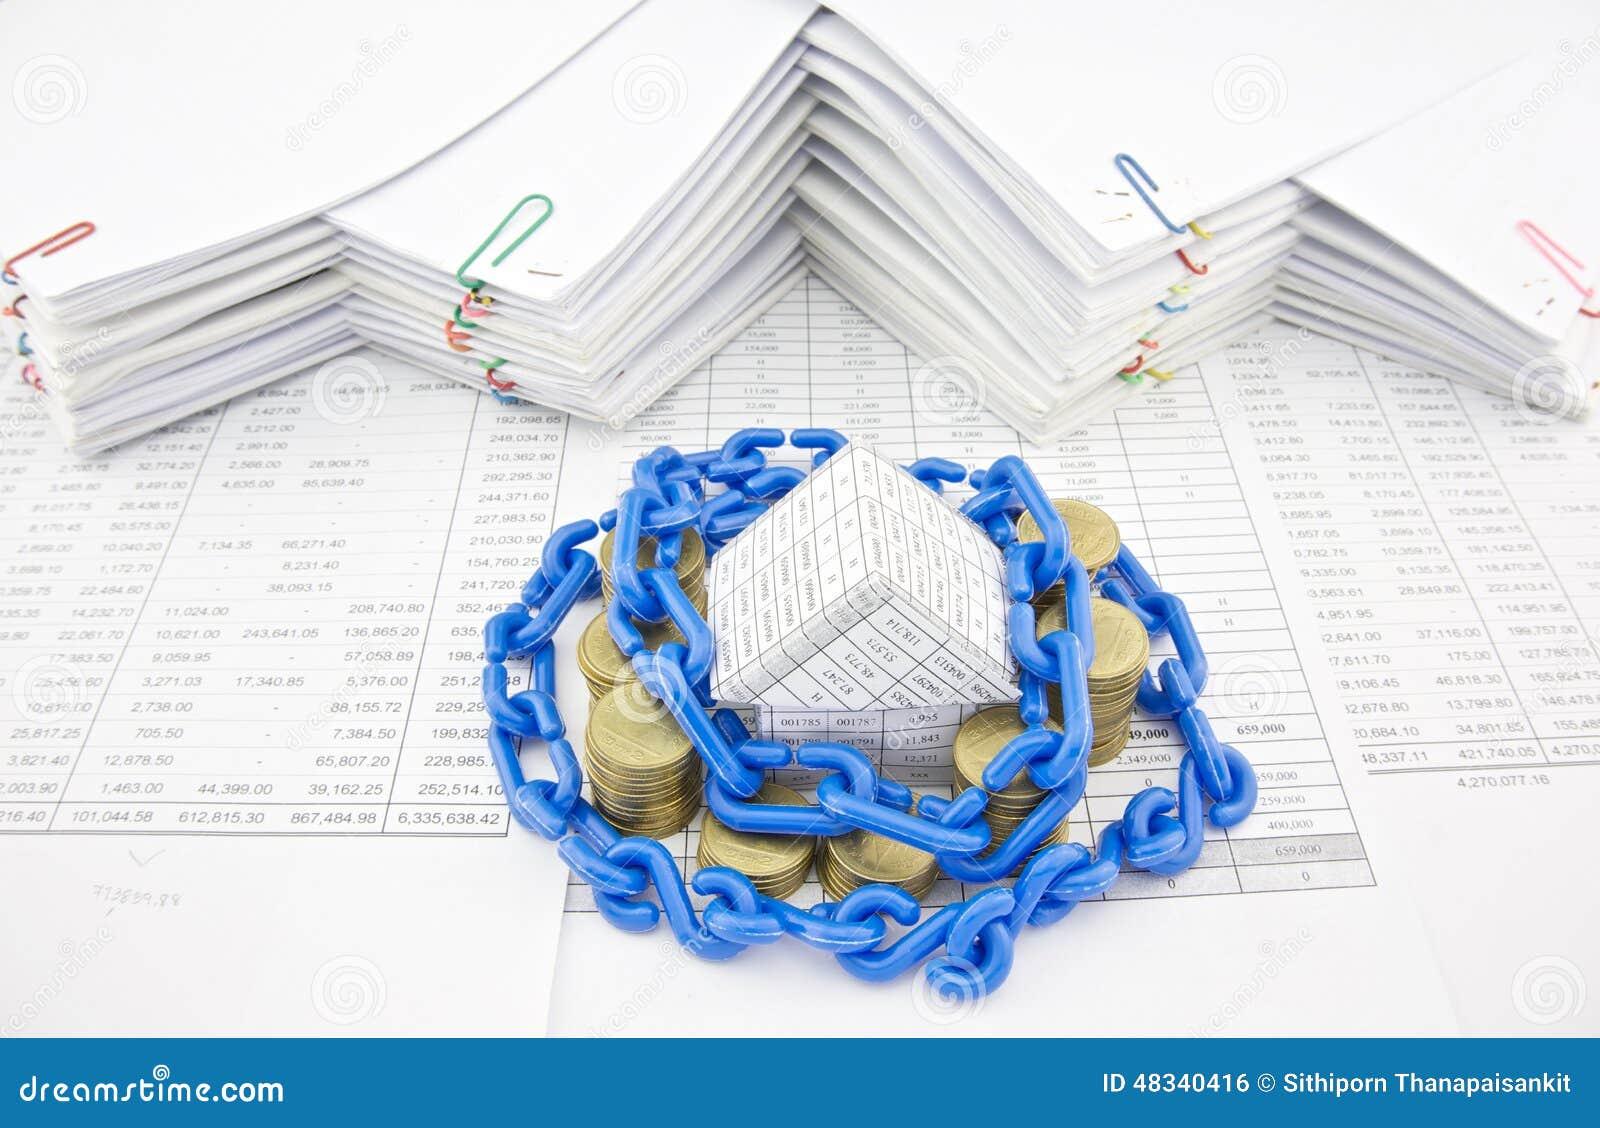 maison de dispositif d'accrochage et pile à chaînes en plastique